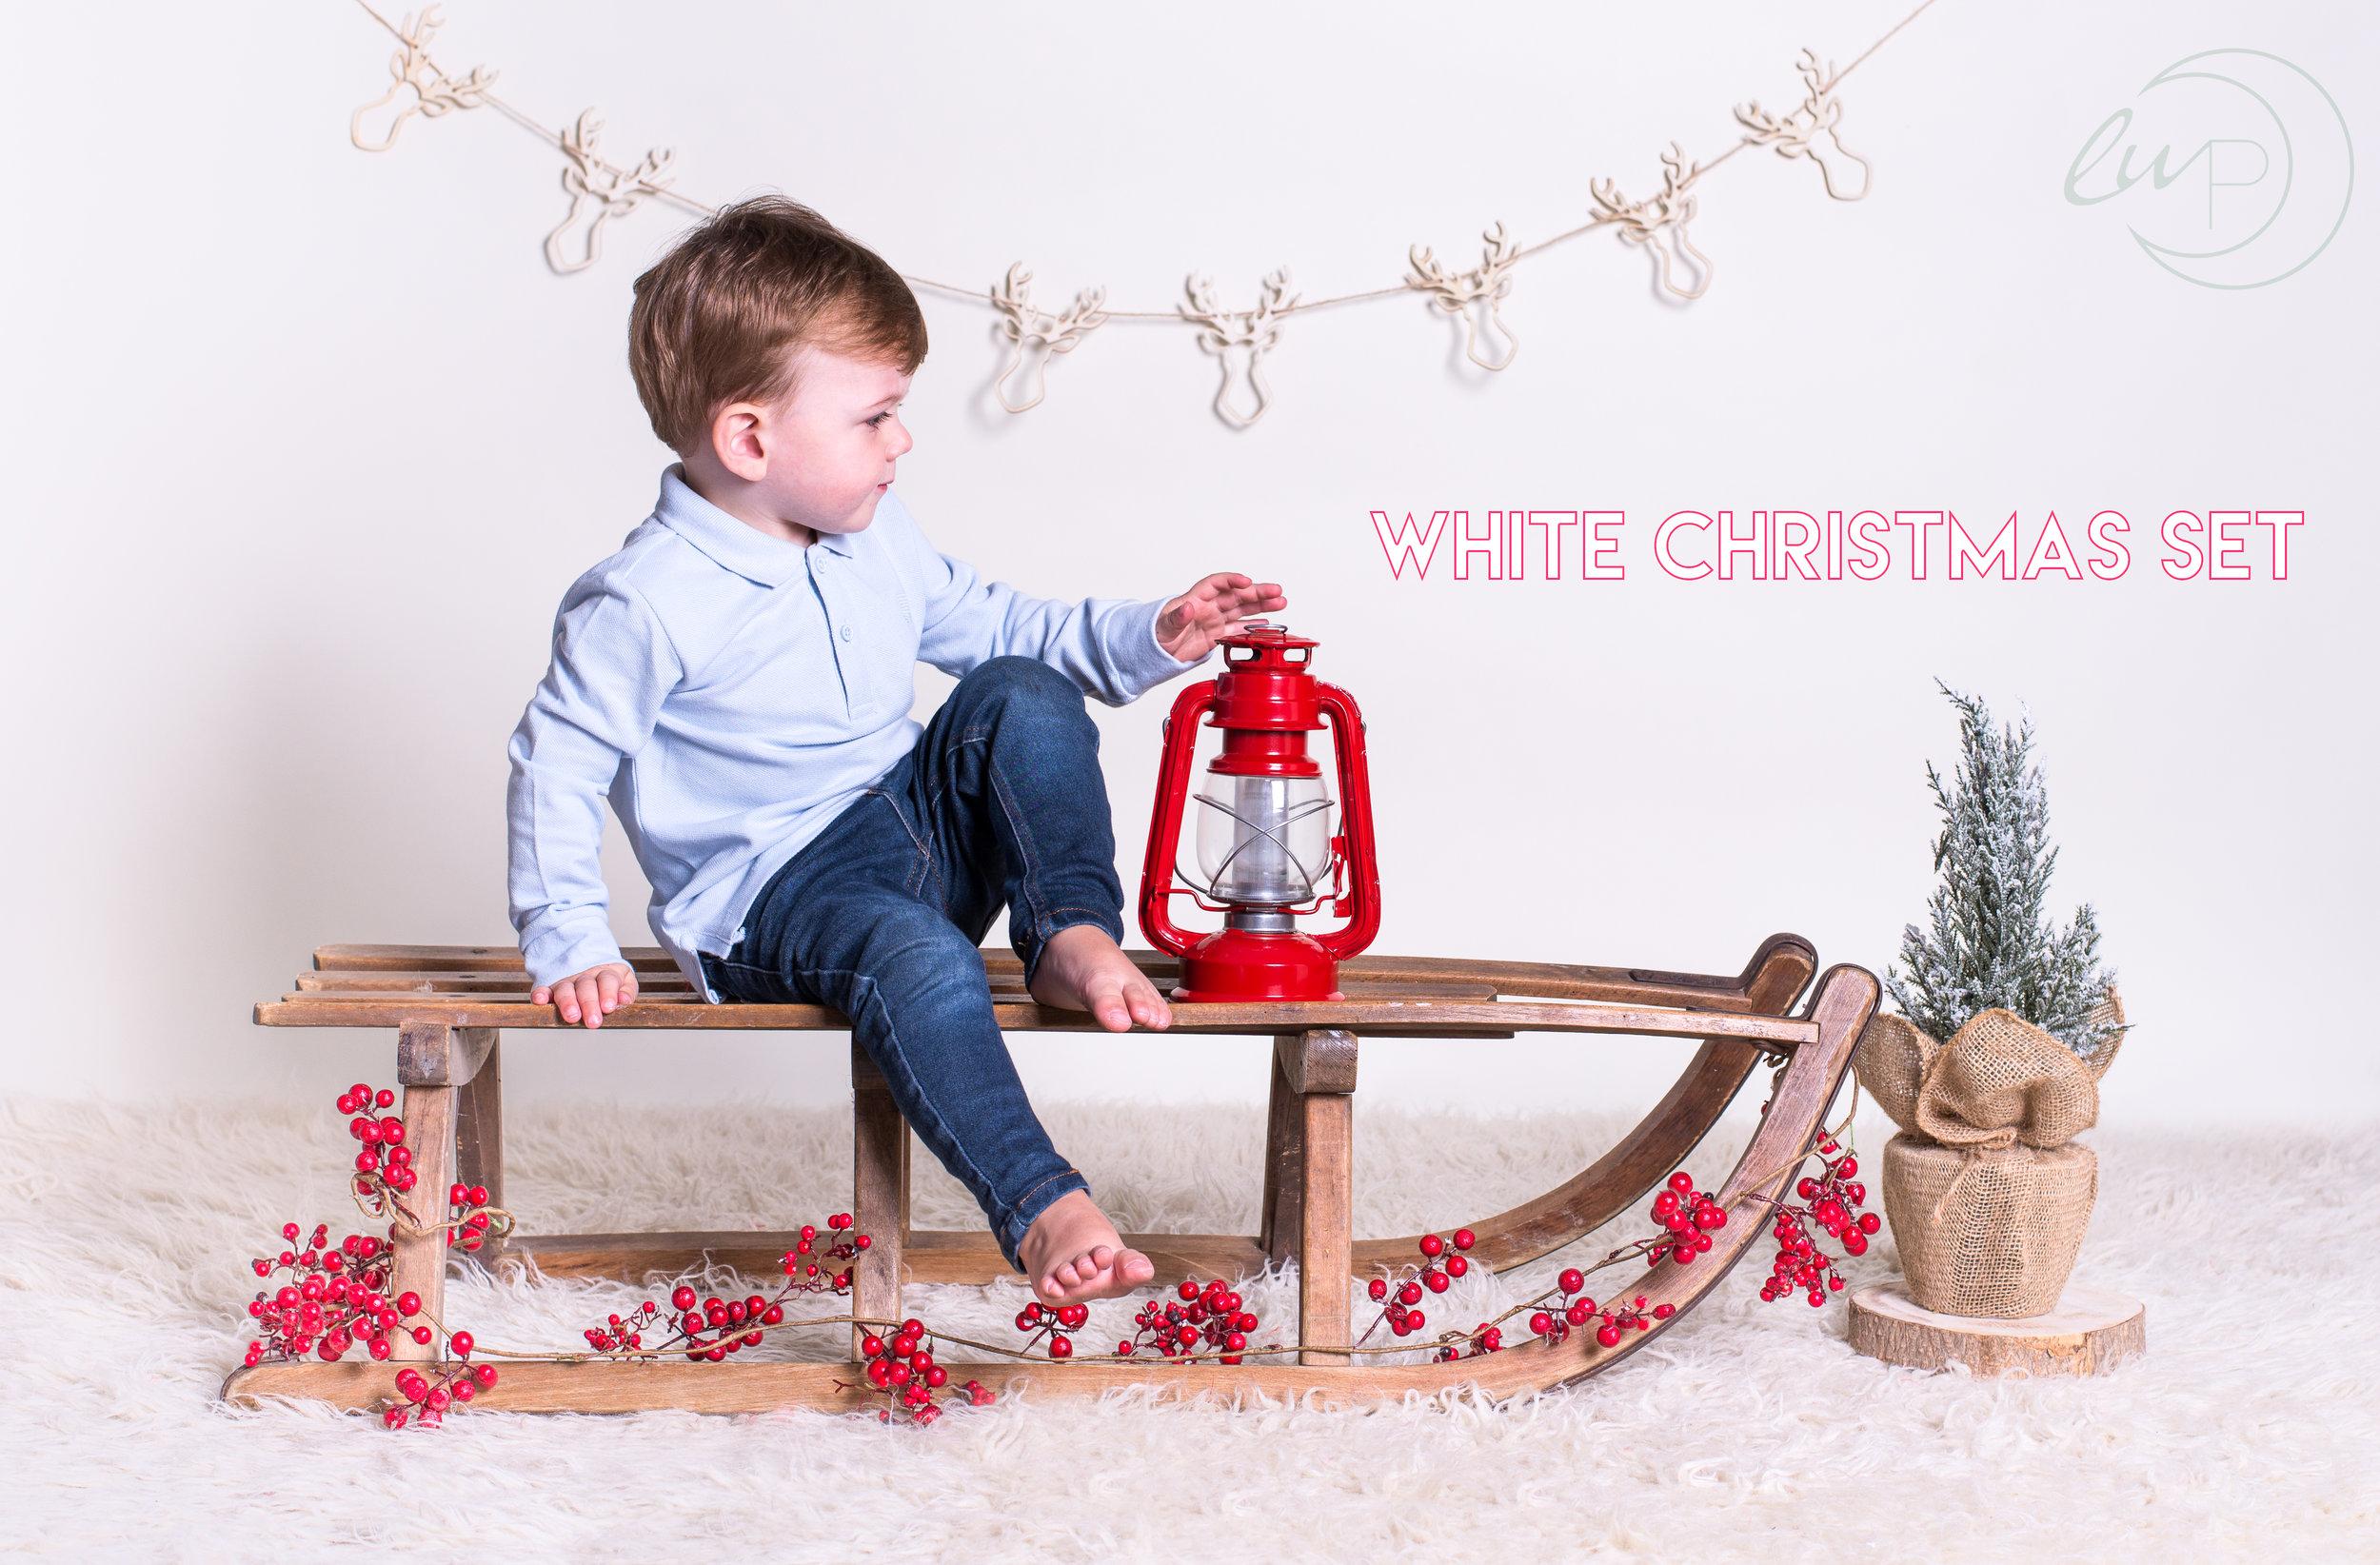 christmas photo shoot, christmas photos, childrens christmas photos, childrens photographer essex, kids photographer essex, Christmas photo shoots essex, christmas photos essex